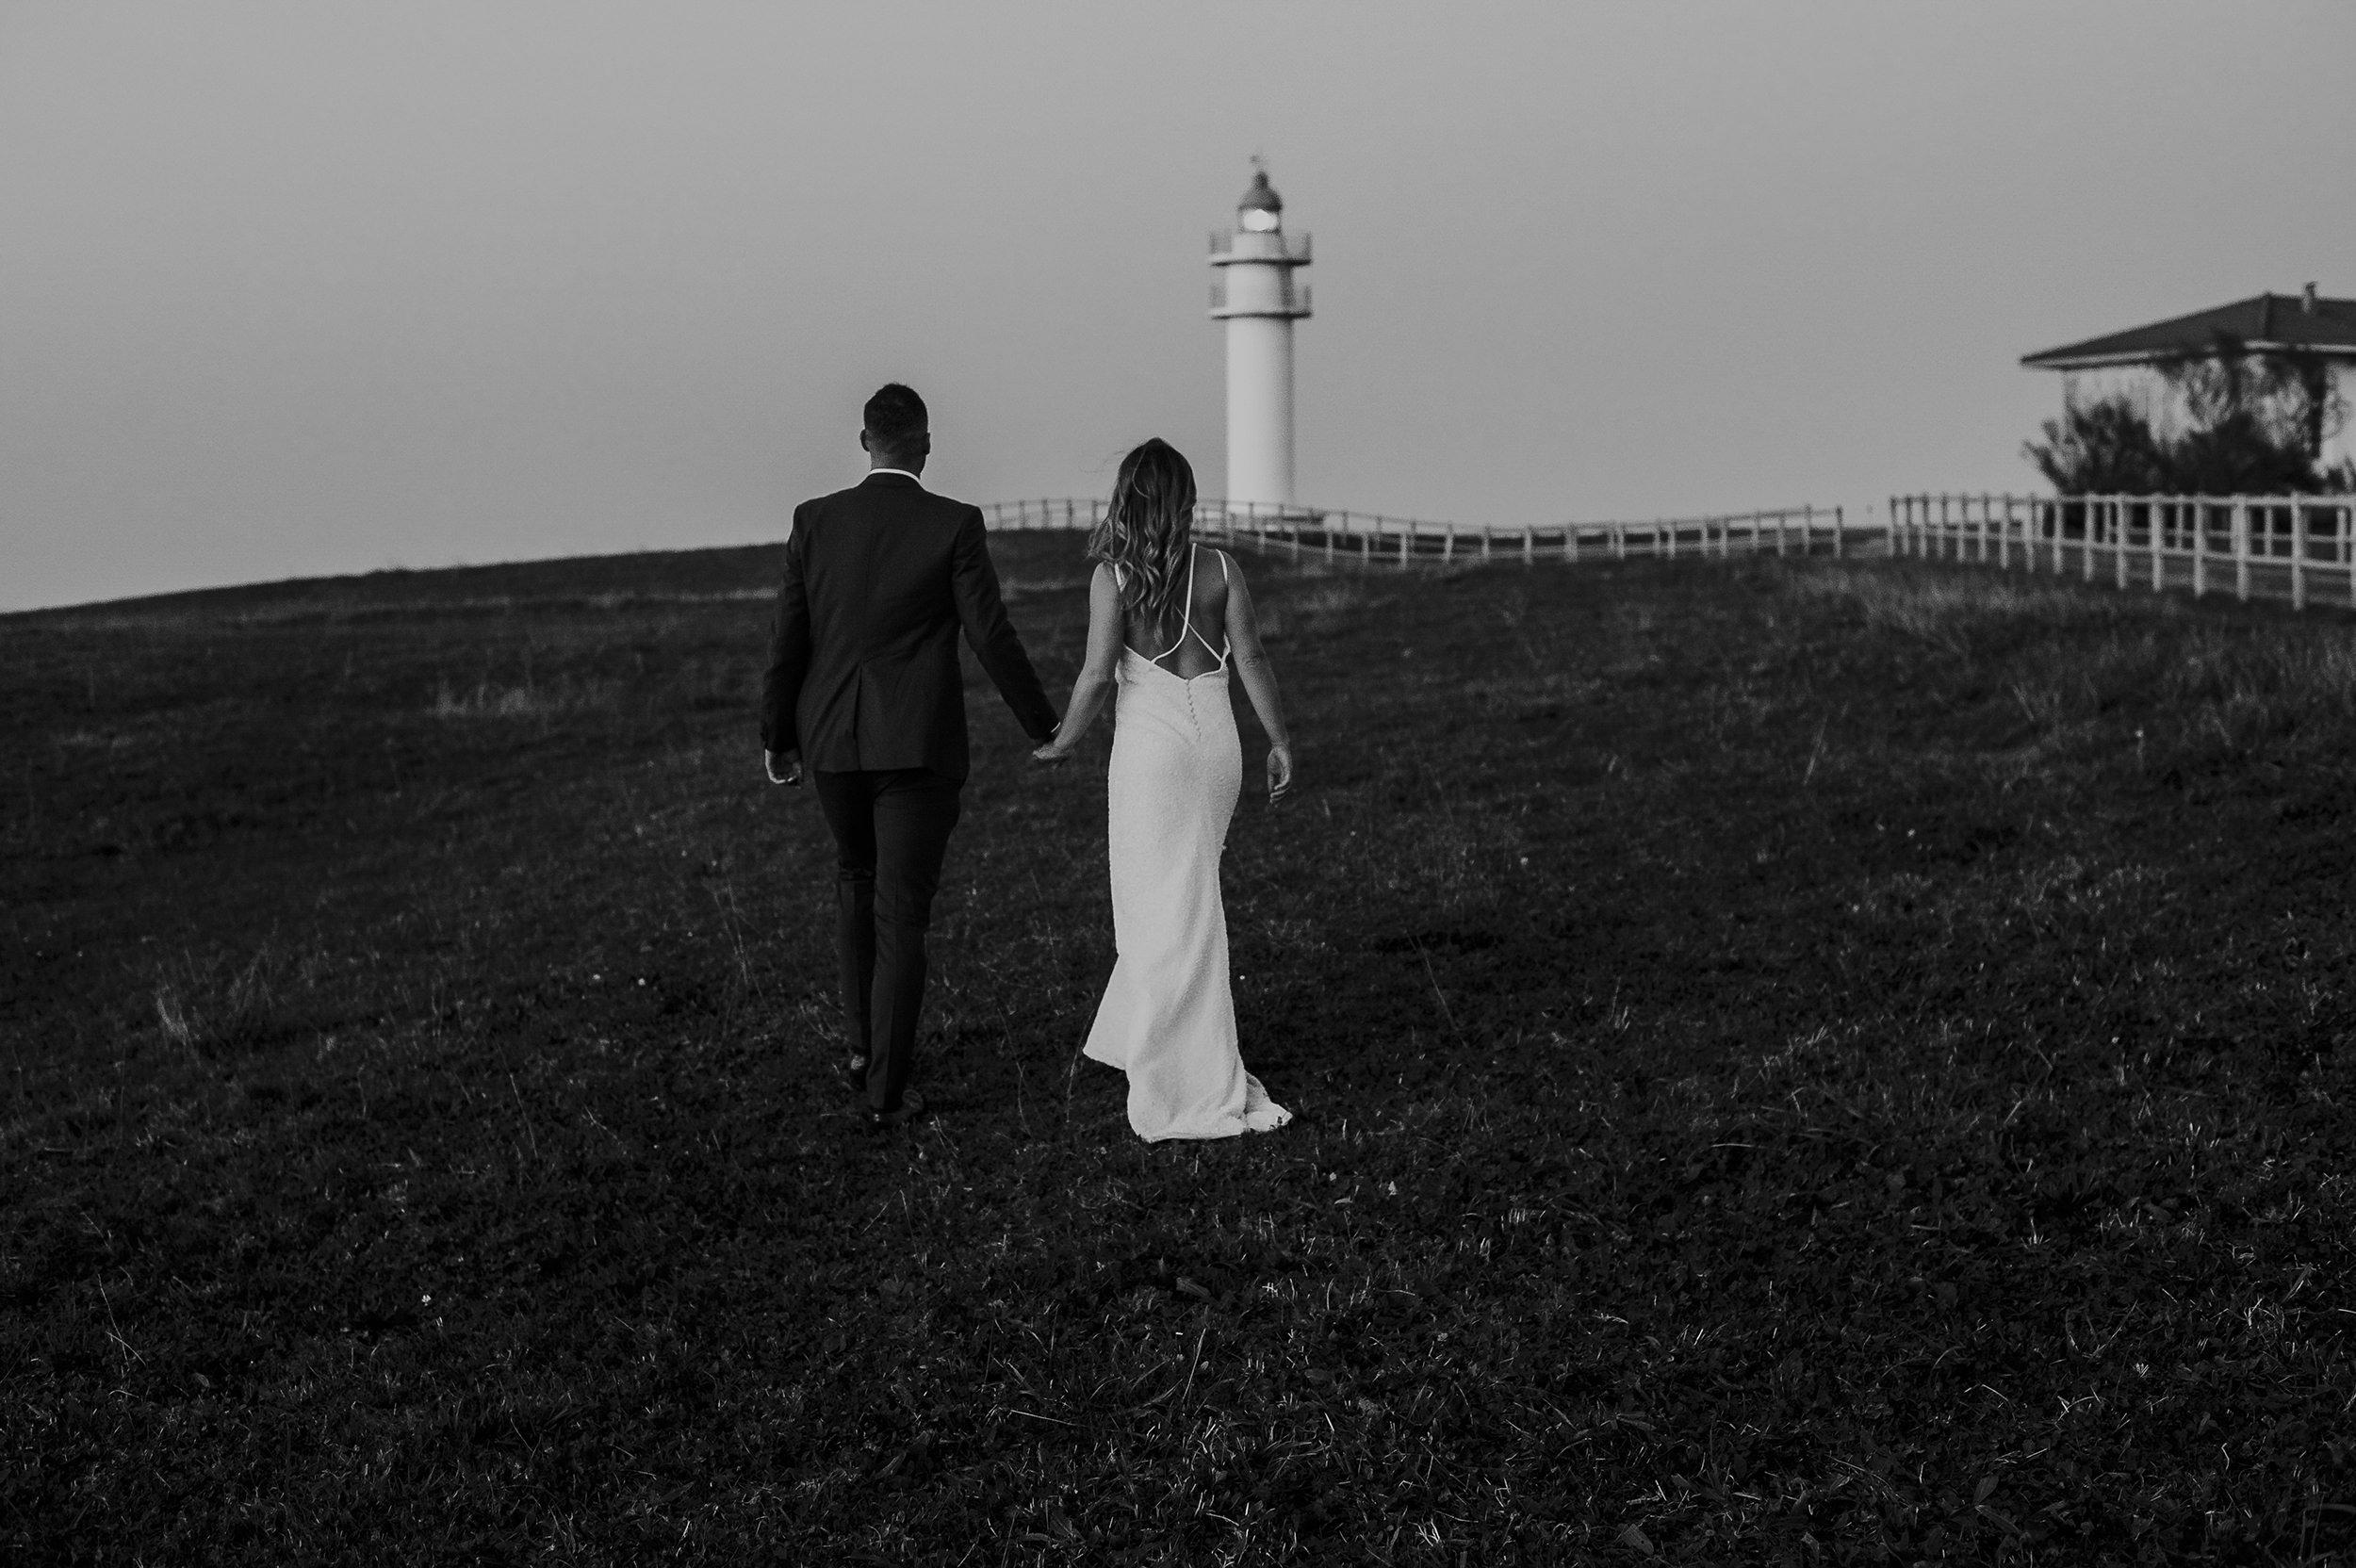 Fotografo de bodas de bilbao